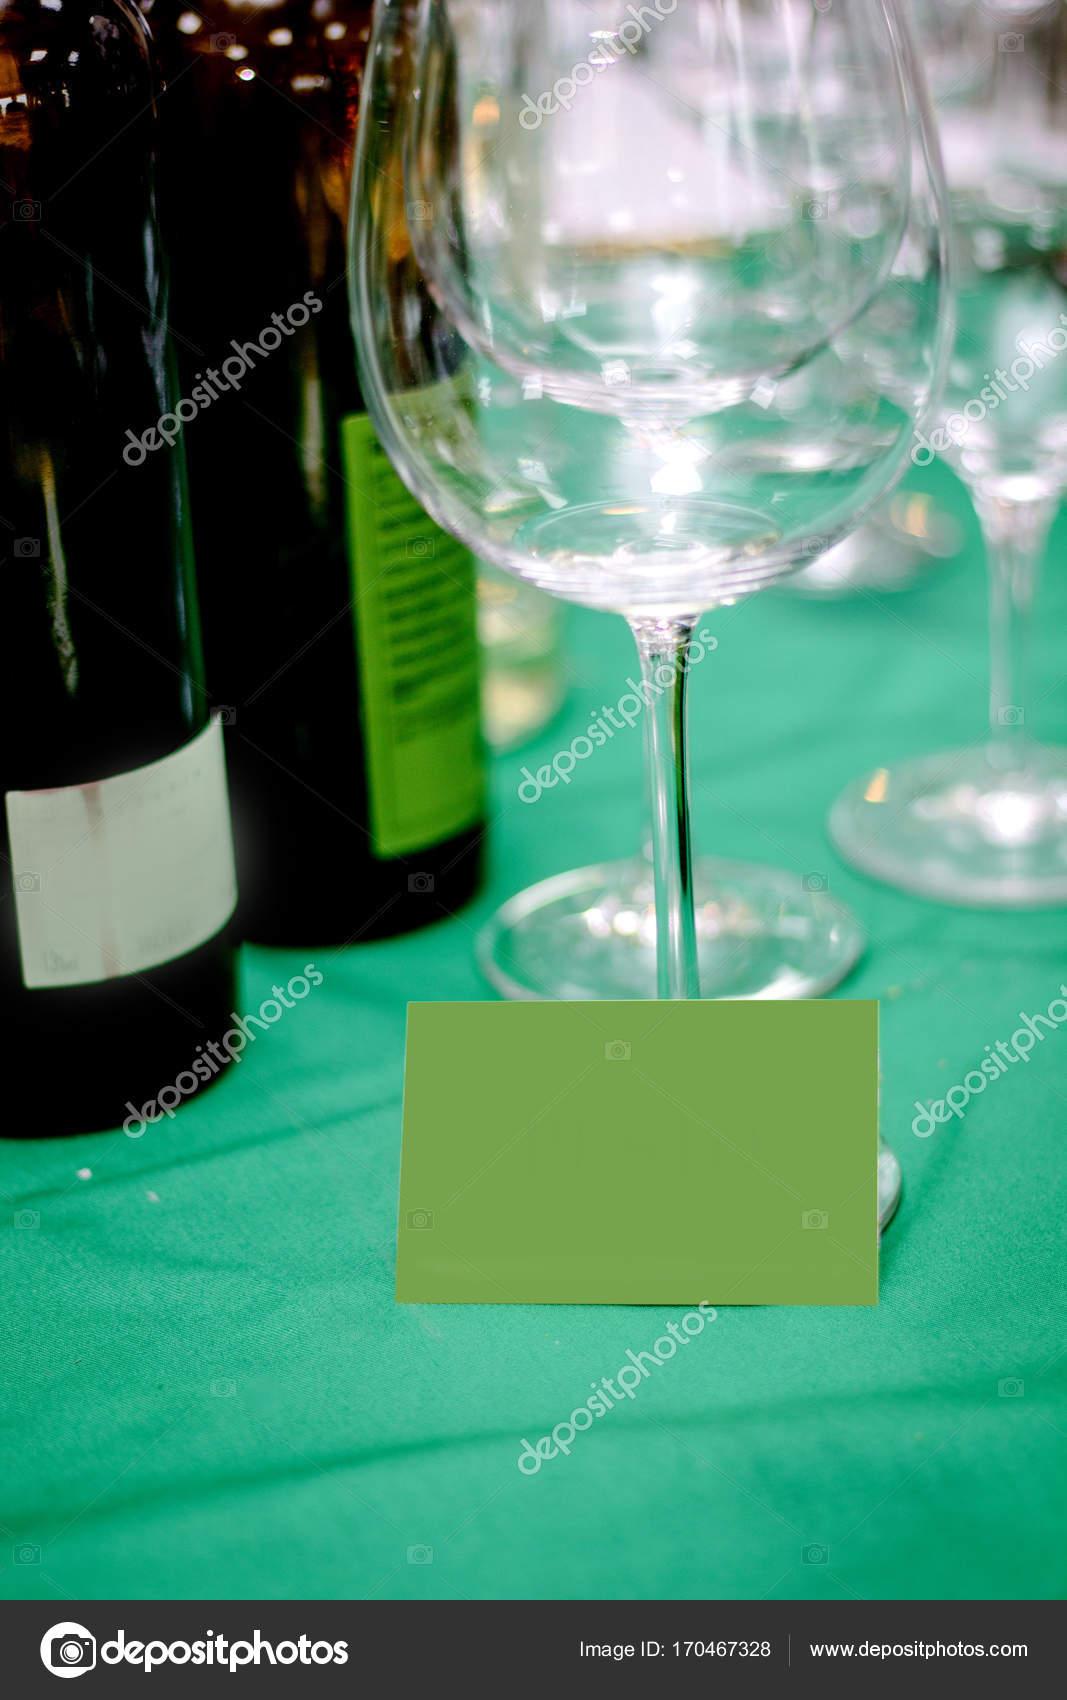 Carte De Visite Avec La Place Pour Votre Texte Sur Table Verte Verre Vin Vide Images Stock Libres Droits